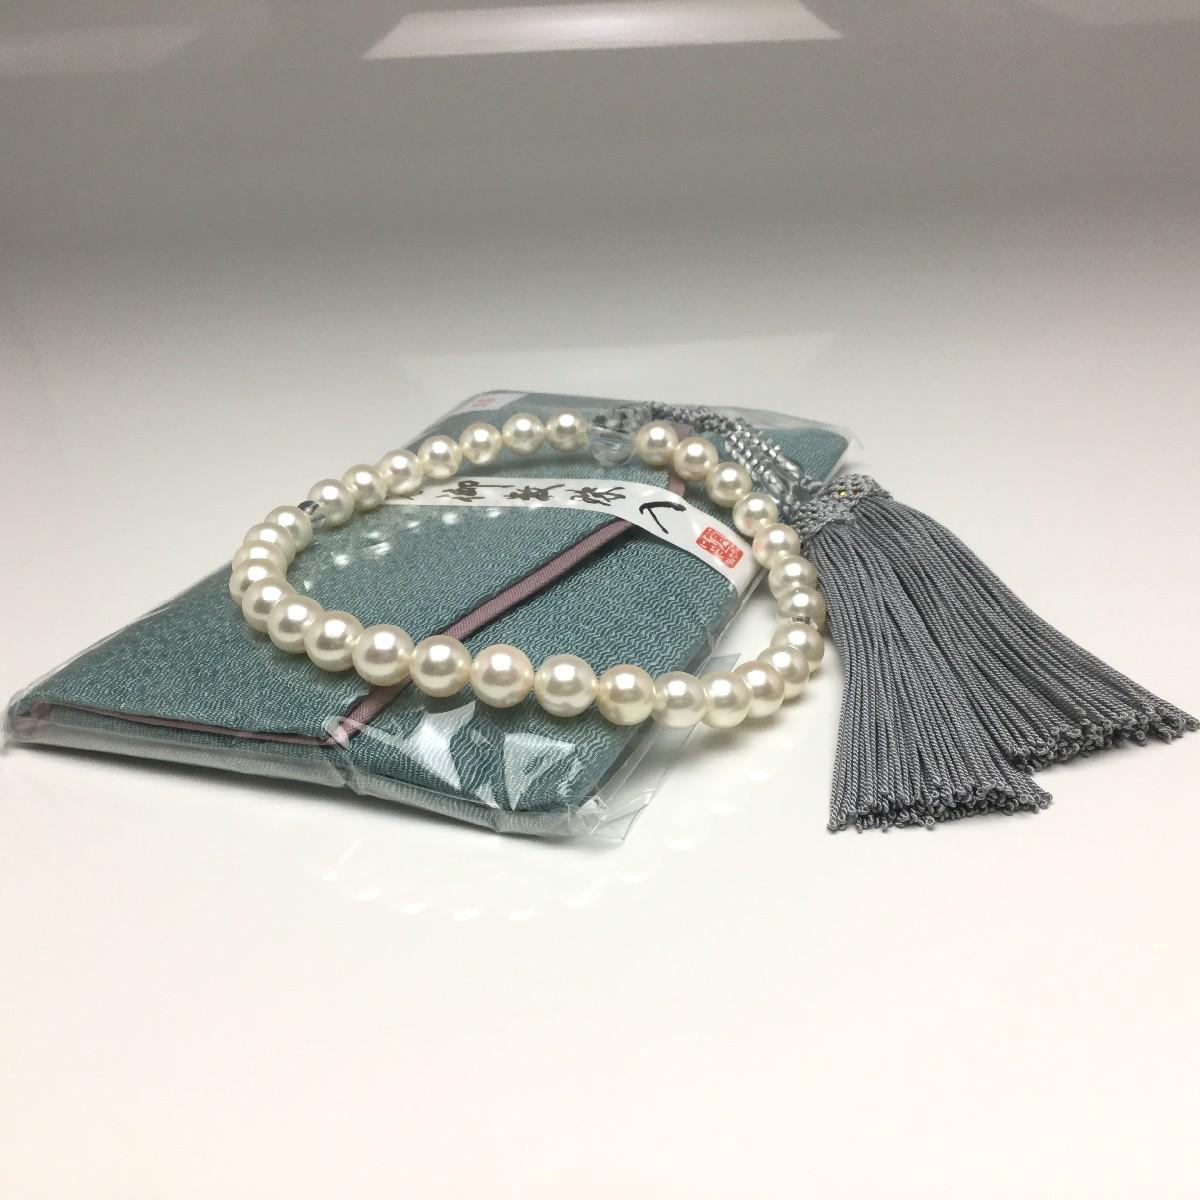 真珠 念珠(数珠) パール アコヤ真珠 8.0-8.5mm ホワイト 正絹房 水晶(クォーツ) 67202 イソワパール